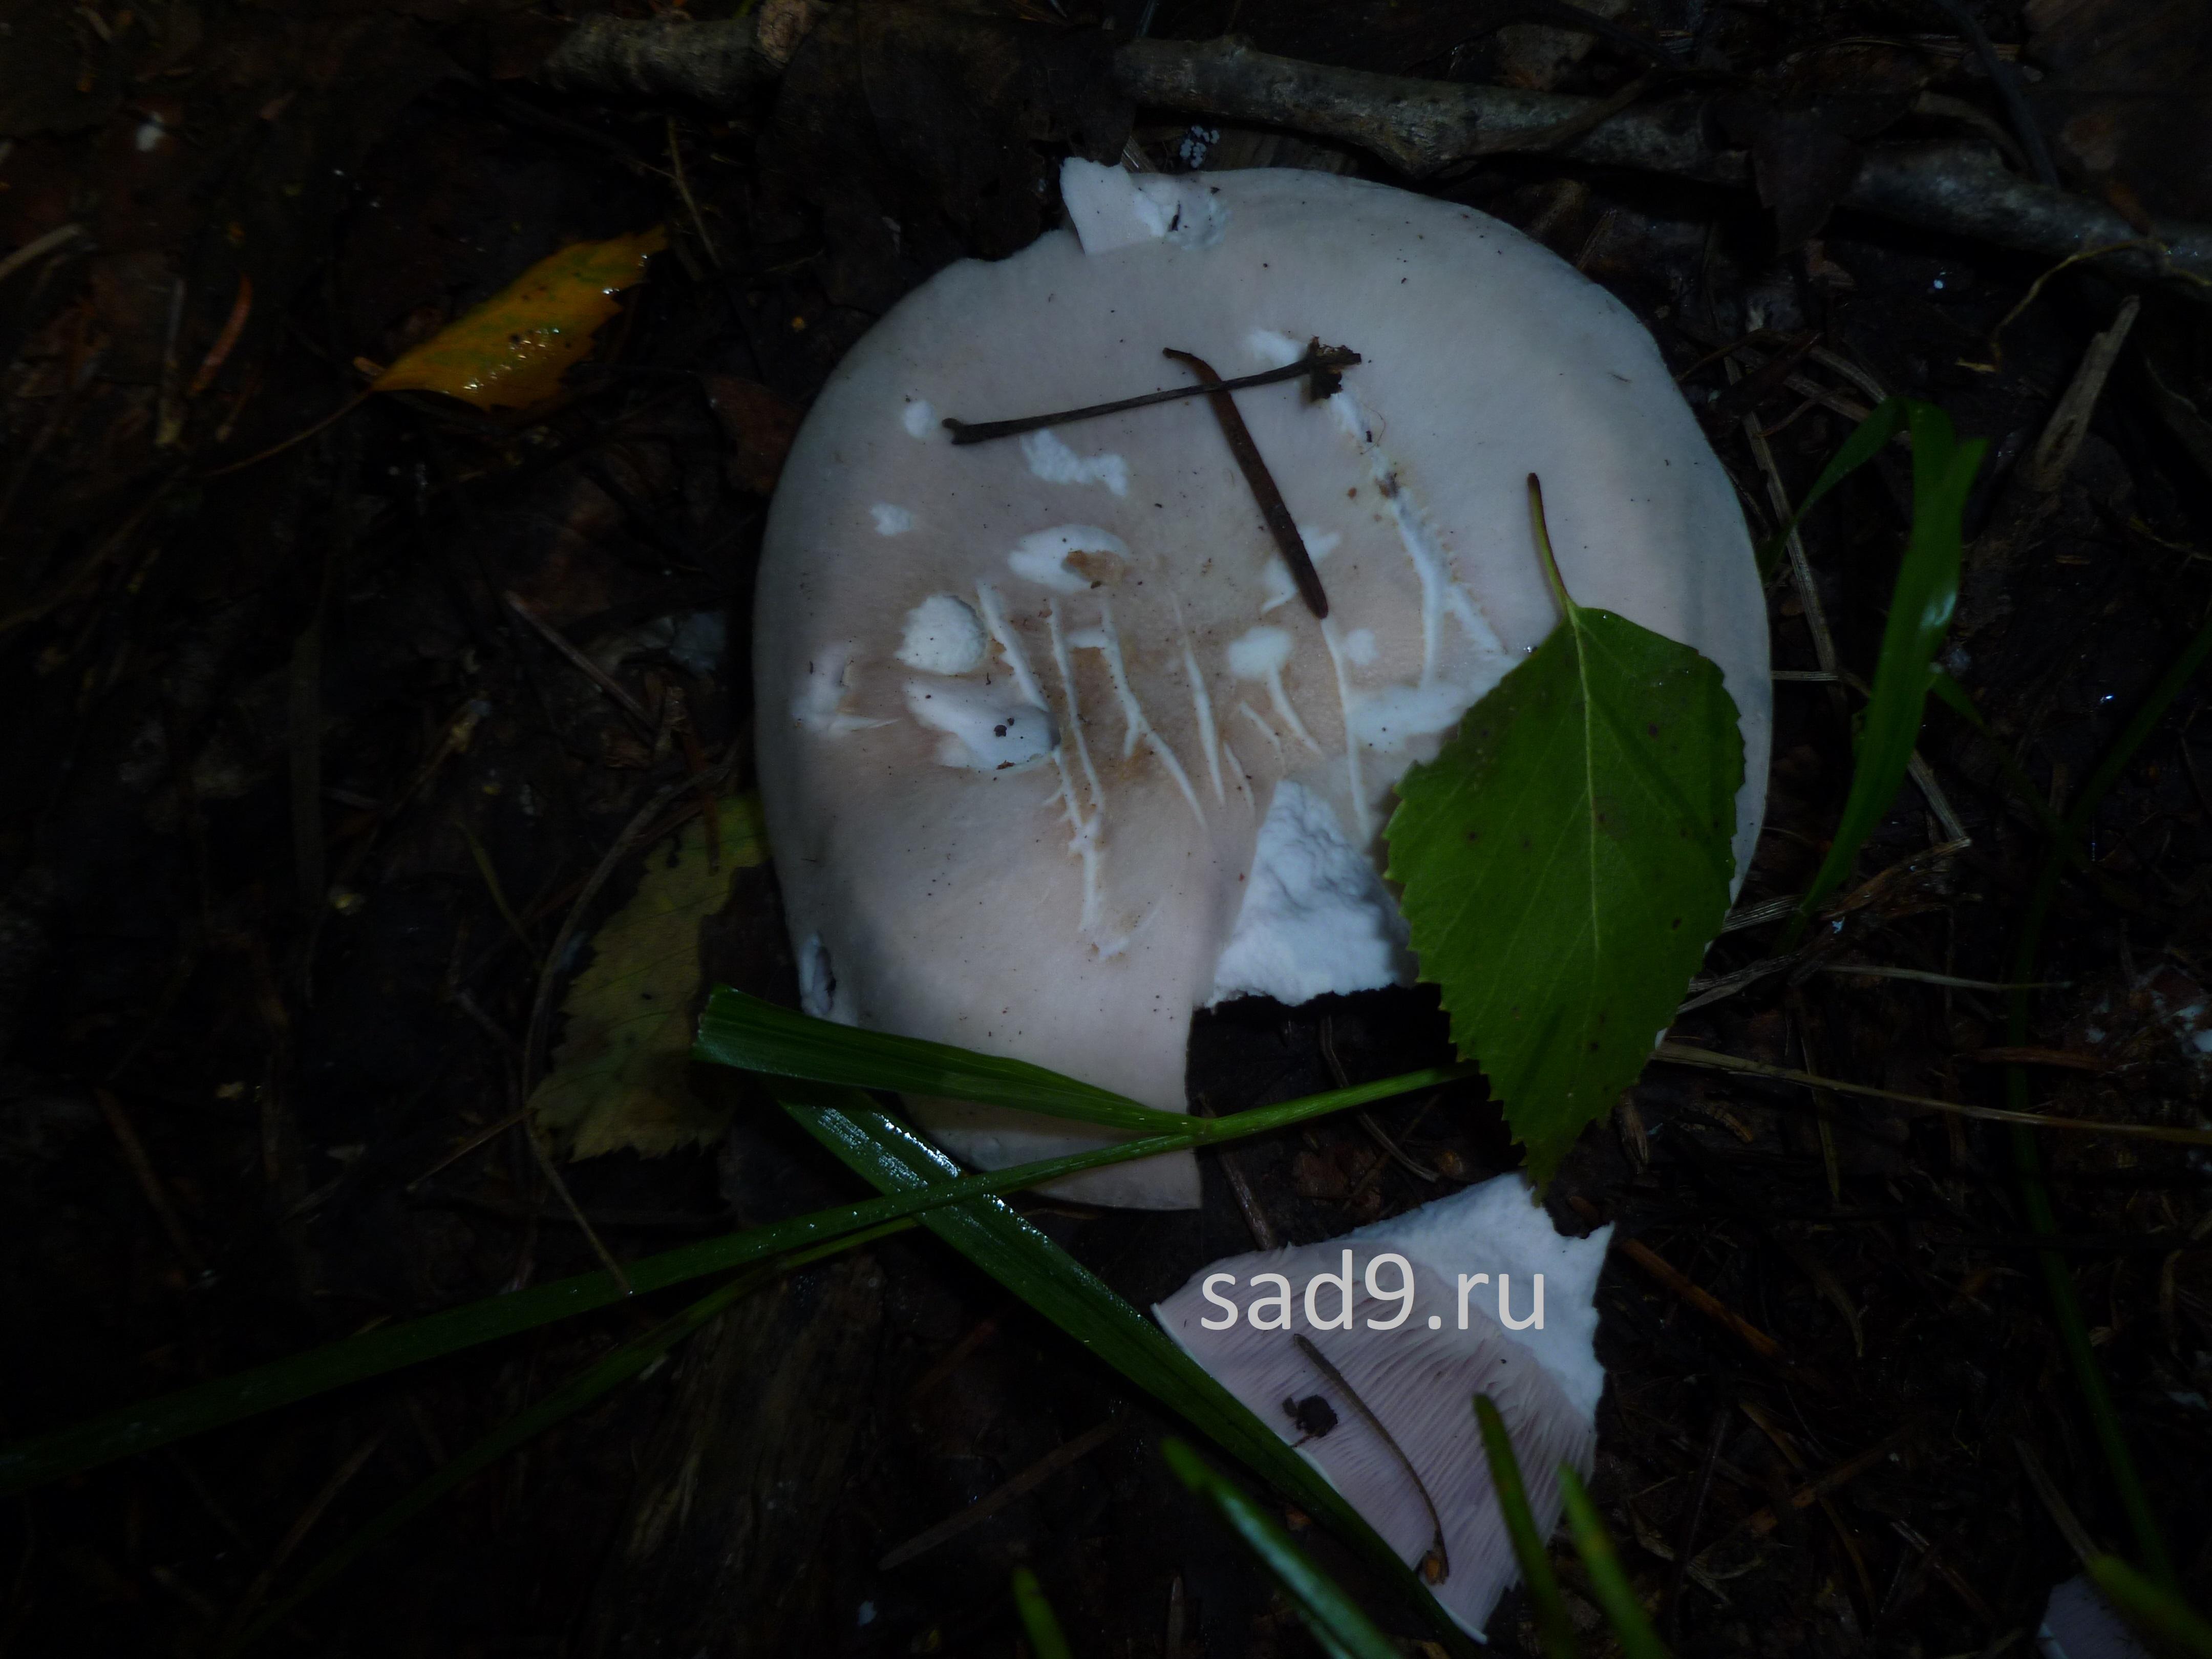 Картинки про грибы в лесу